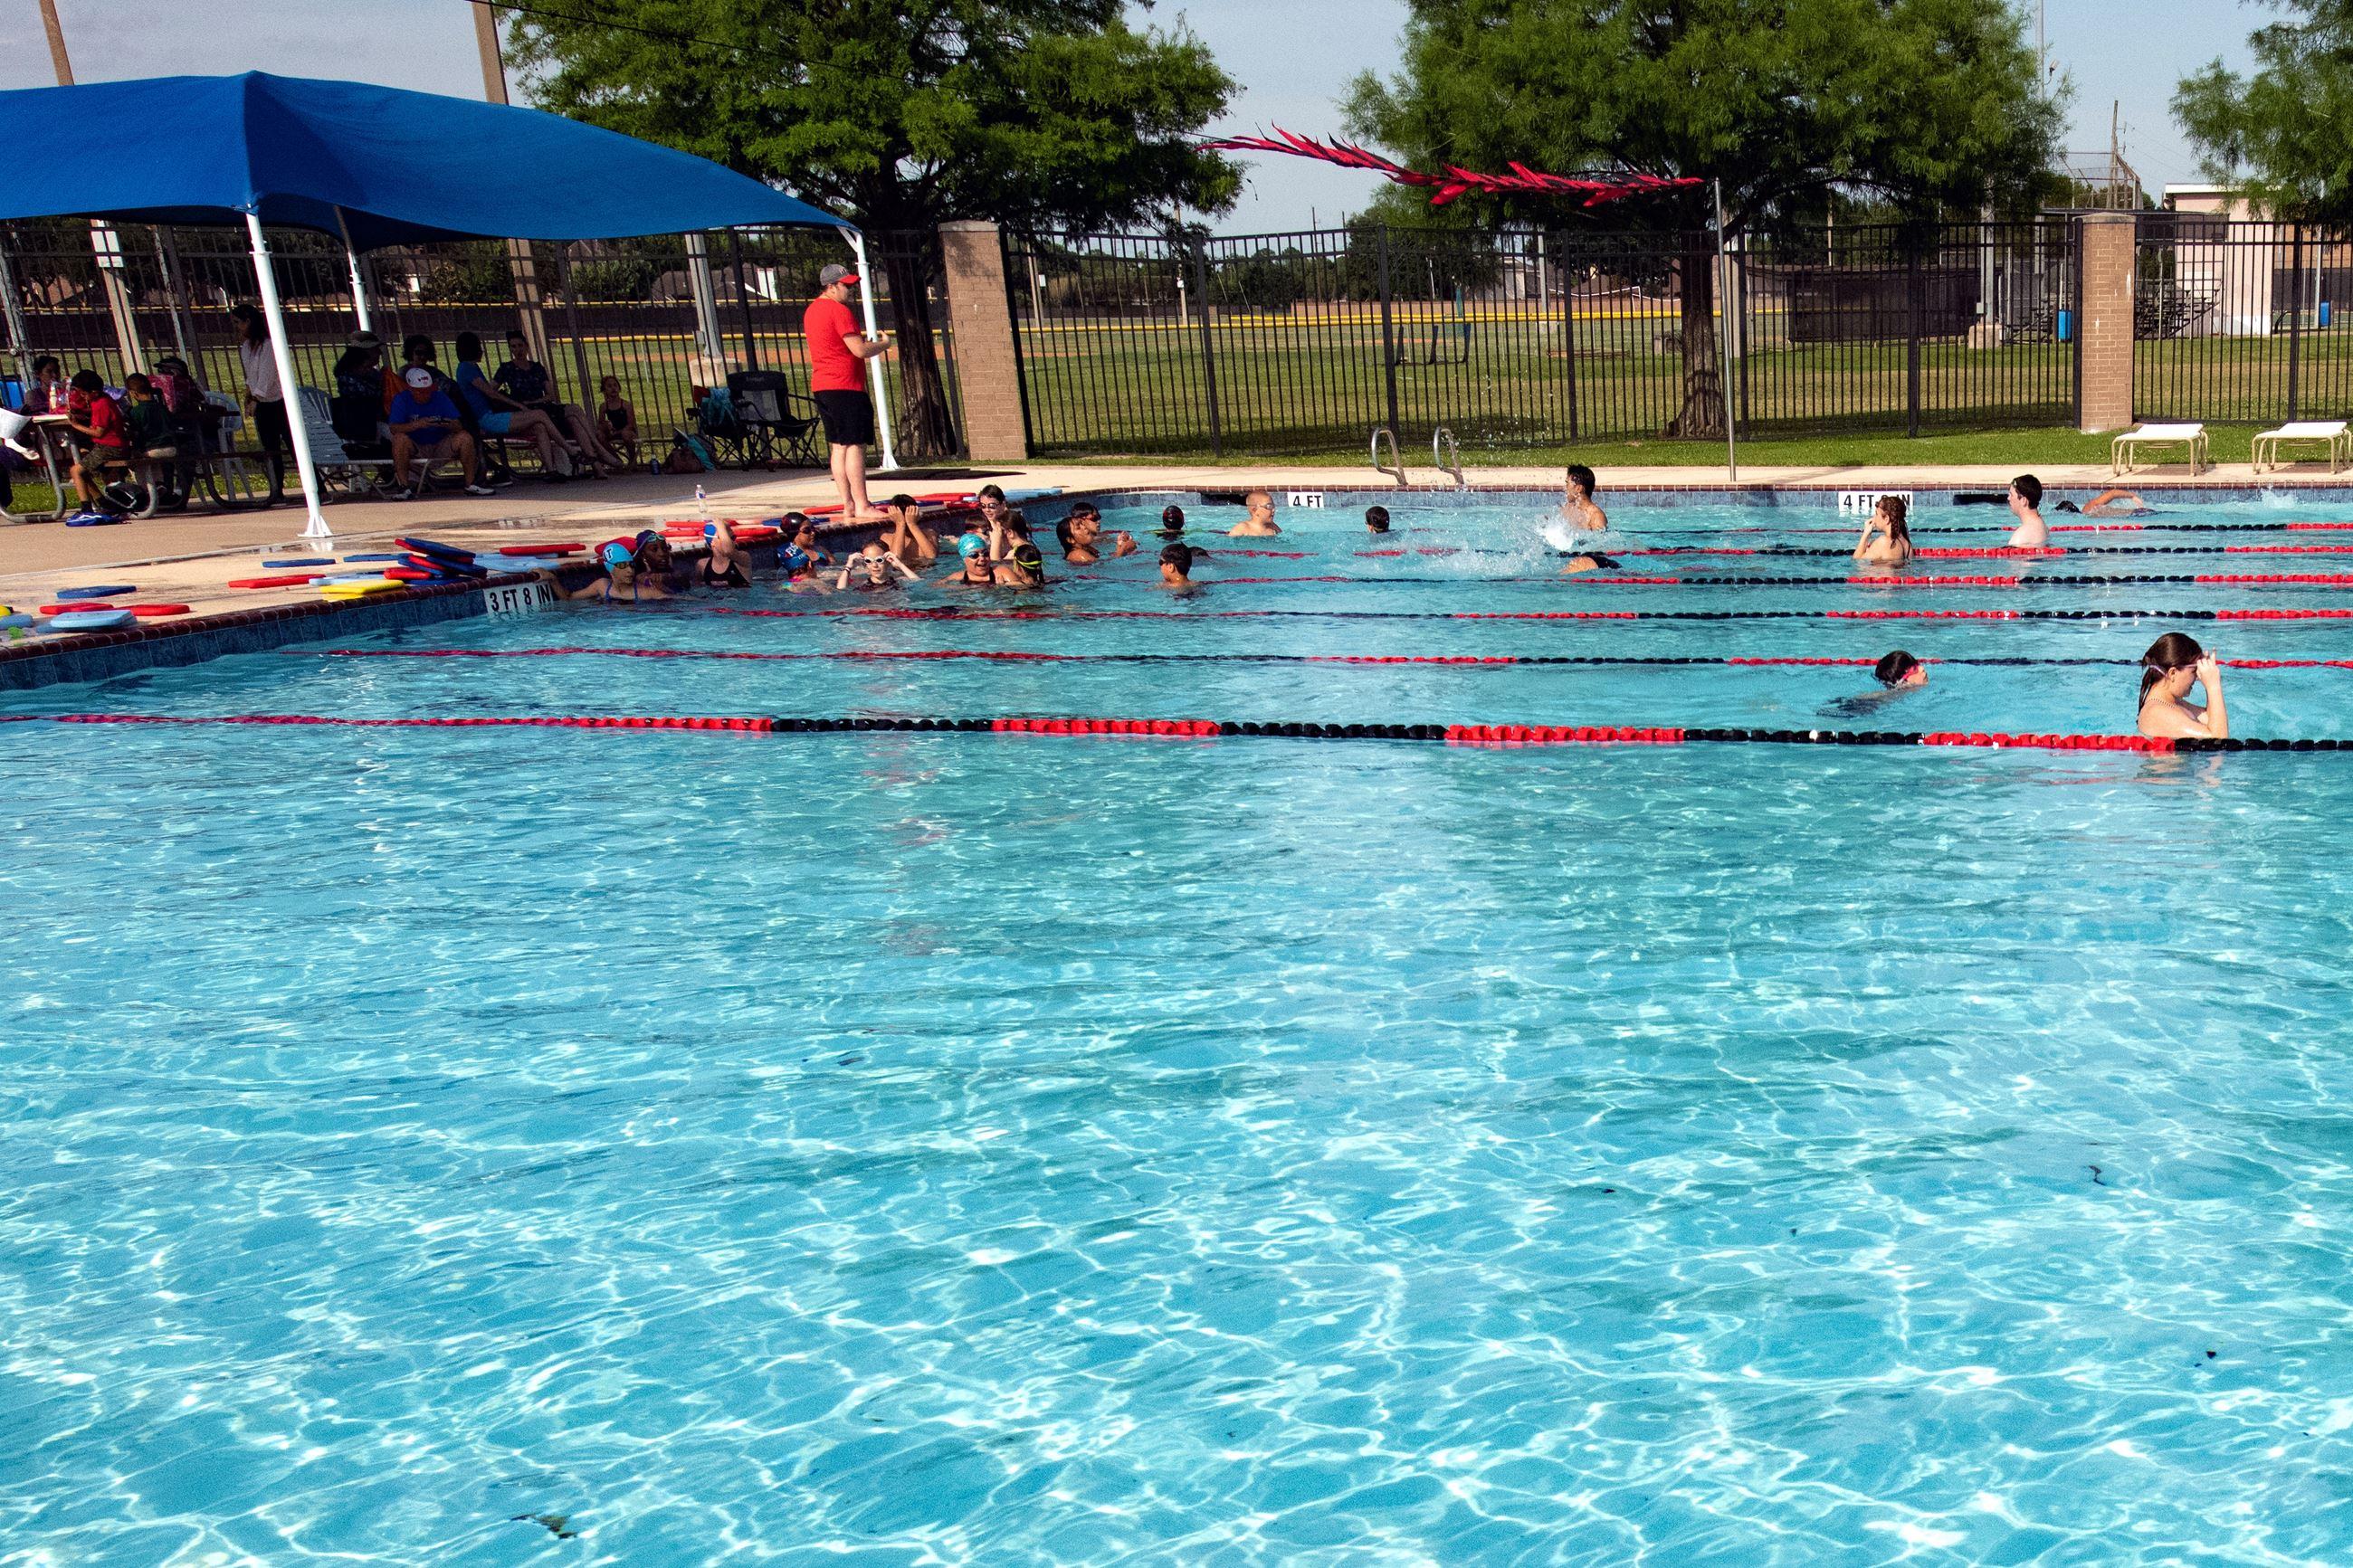 People In Pool Mun Swim Race